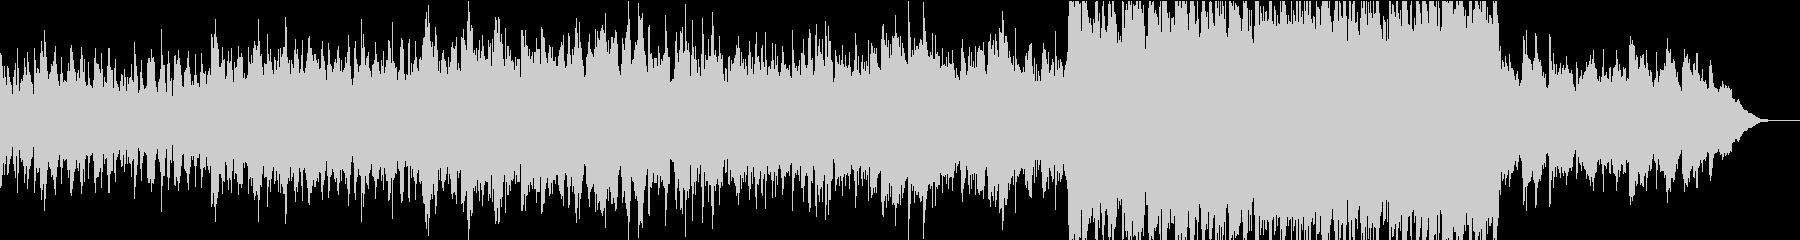 クラシック 交響曲 広い 壮大 ほ...の未再生の波形